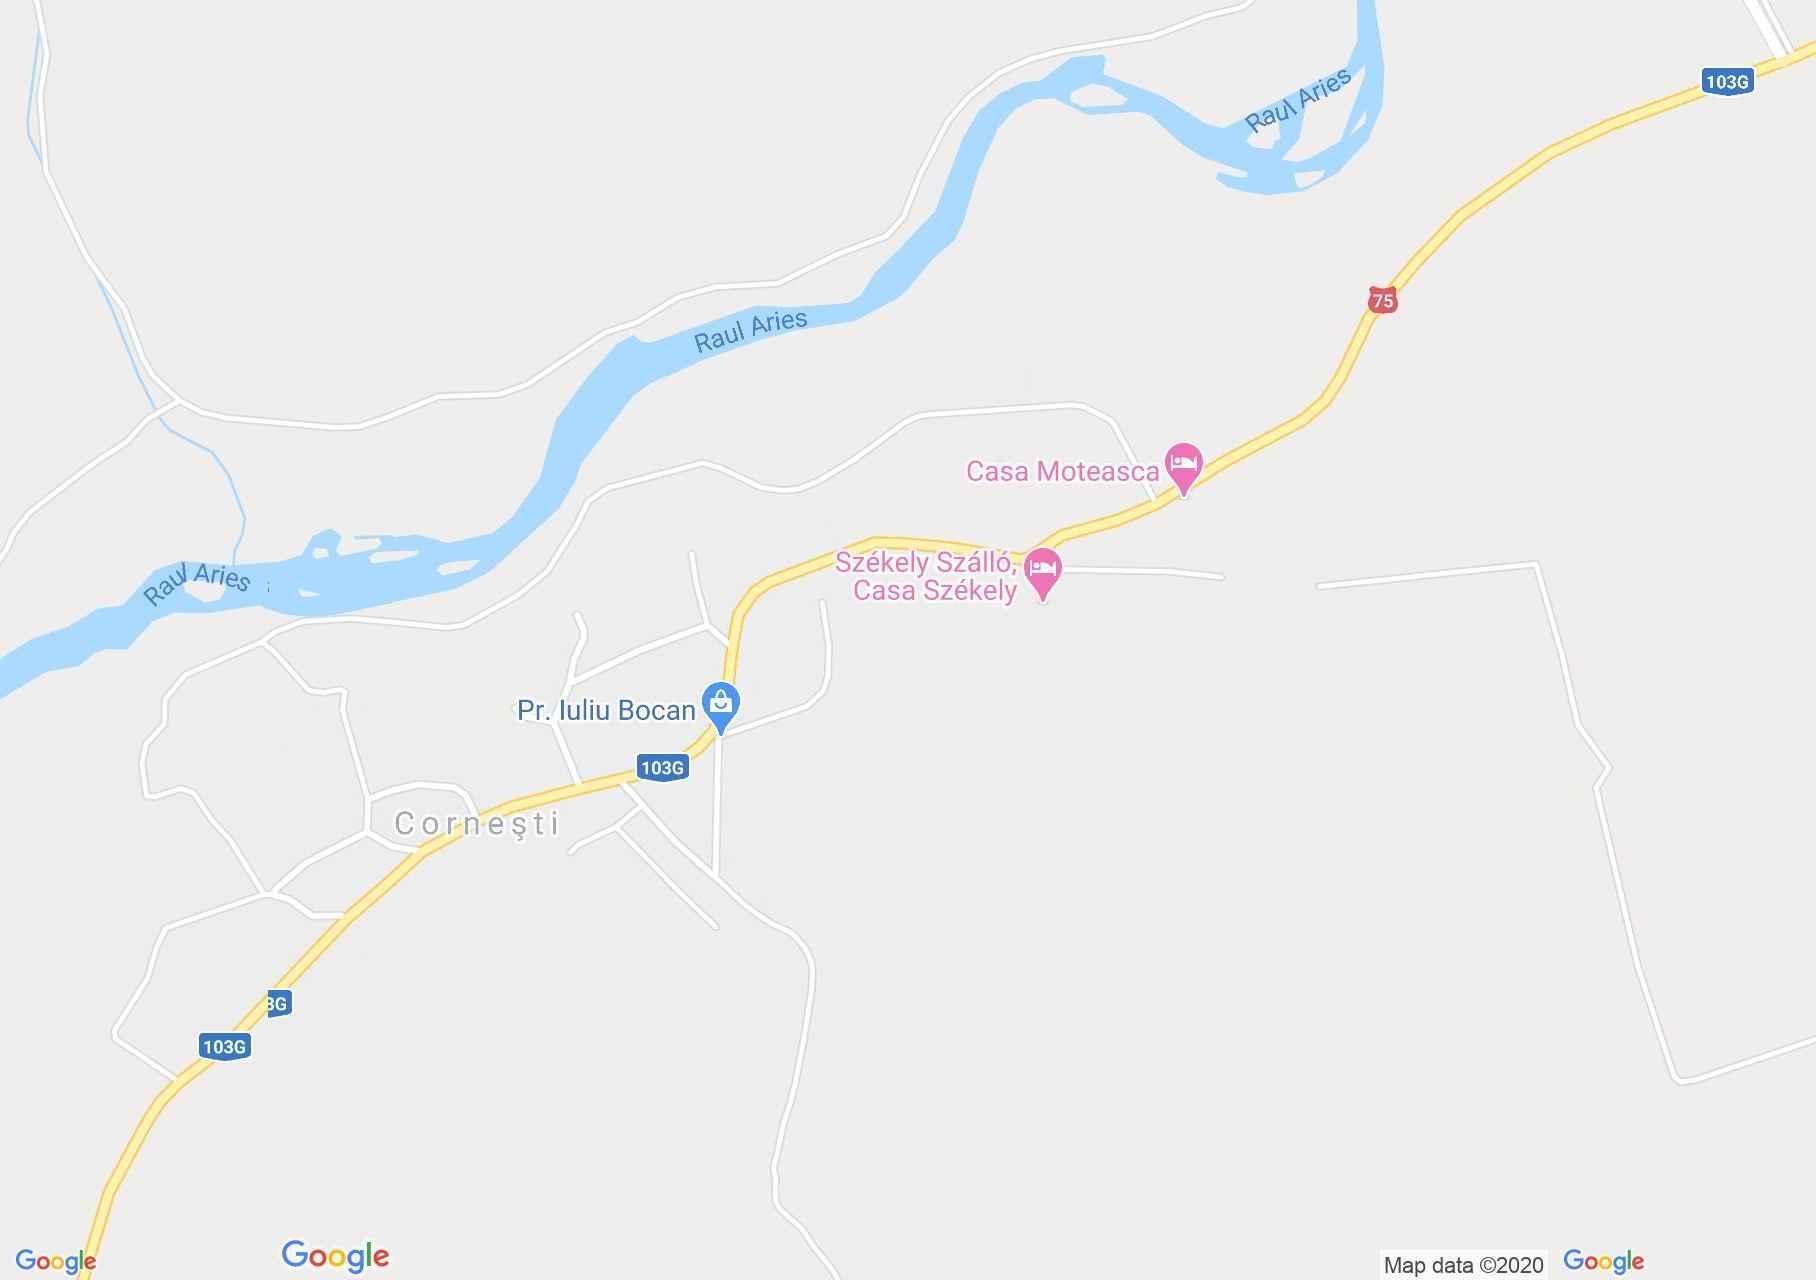 Corneşti, Harta turistică interactivă